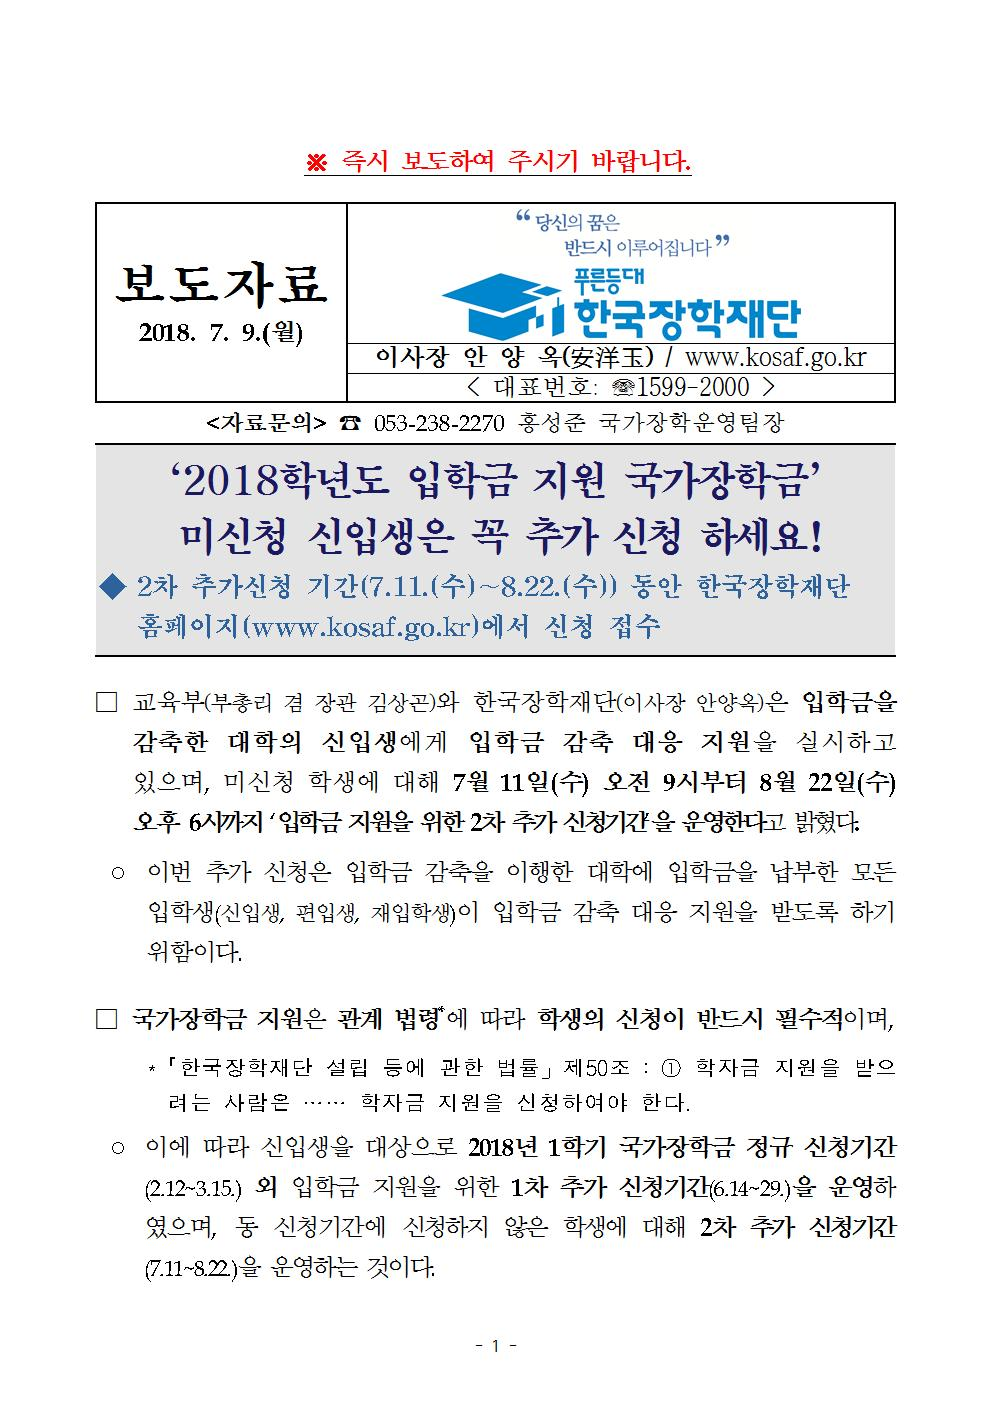 07-09(월)[보도자료] 입학금 지원 장학금 미신청자 추가 신청 접수001.jpg